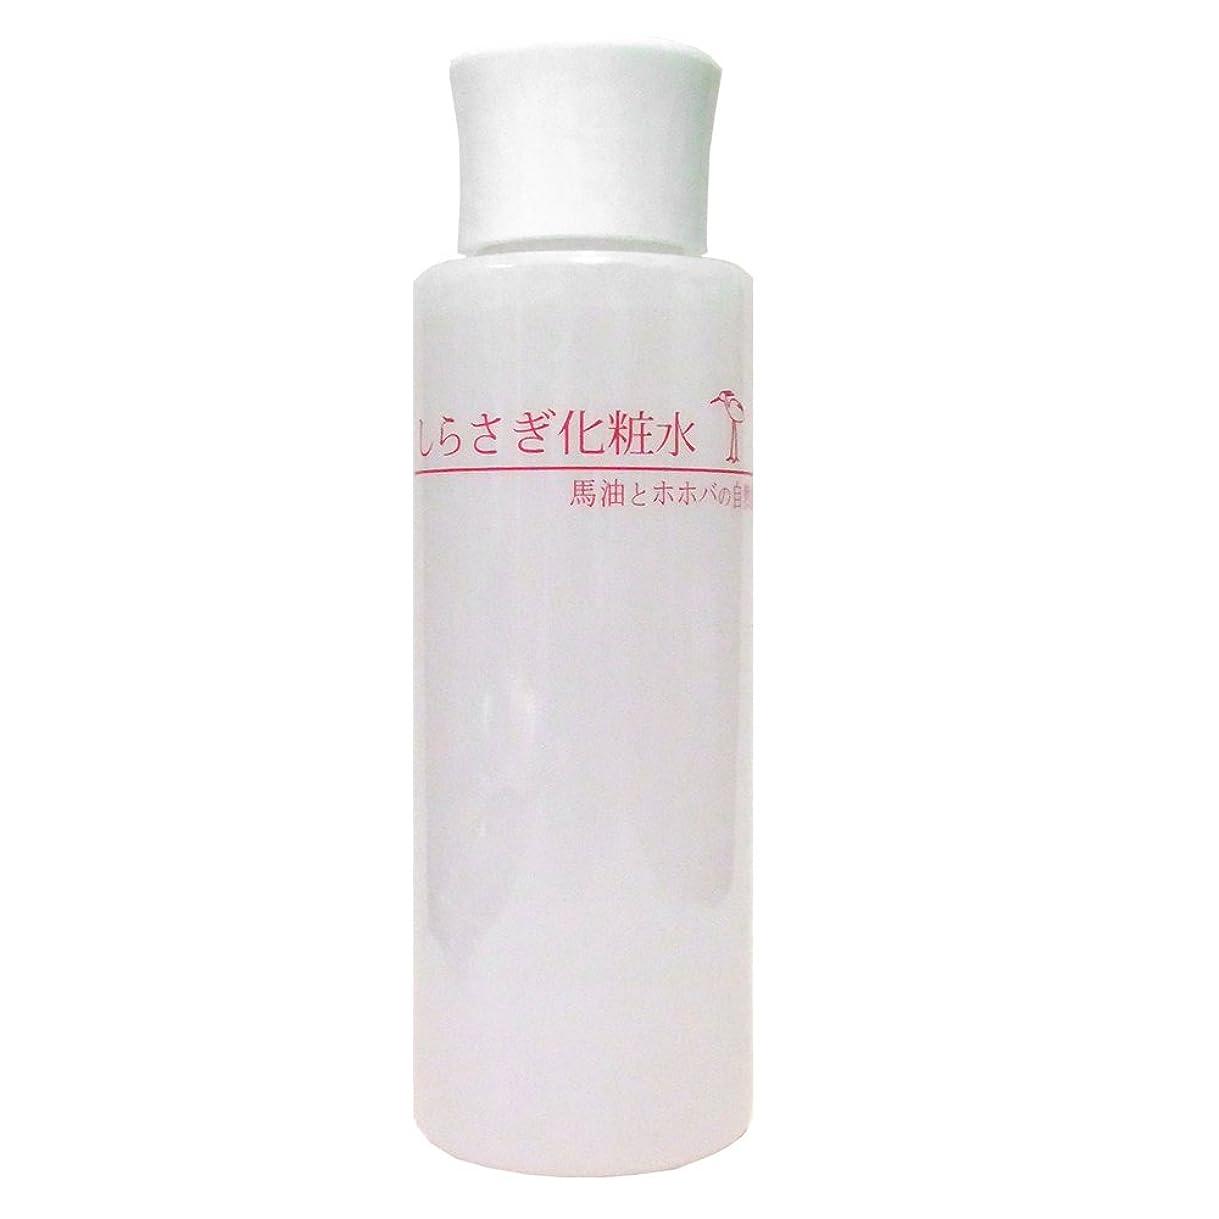 実験室ナプキン失業しらさぎ化粧水